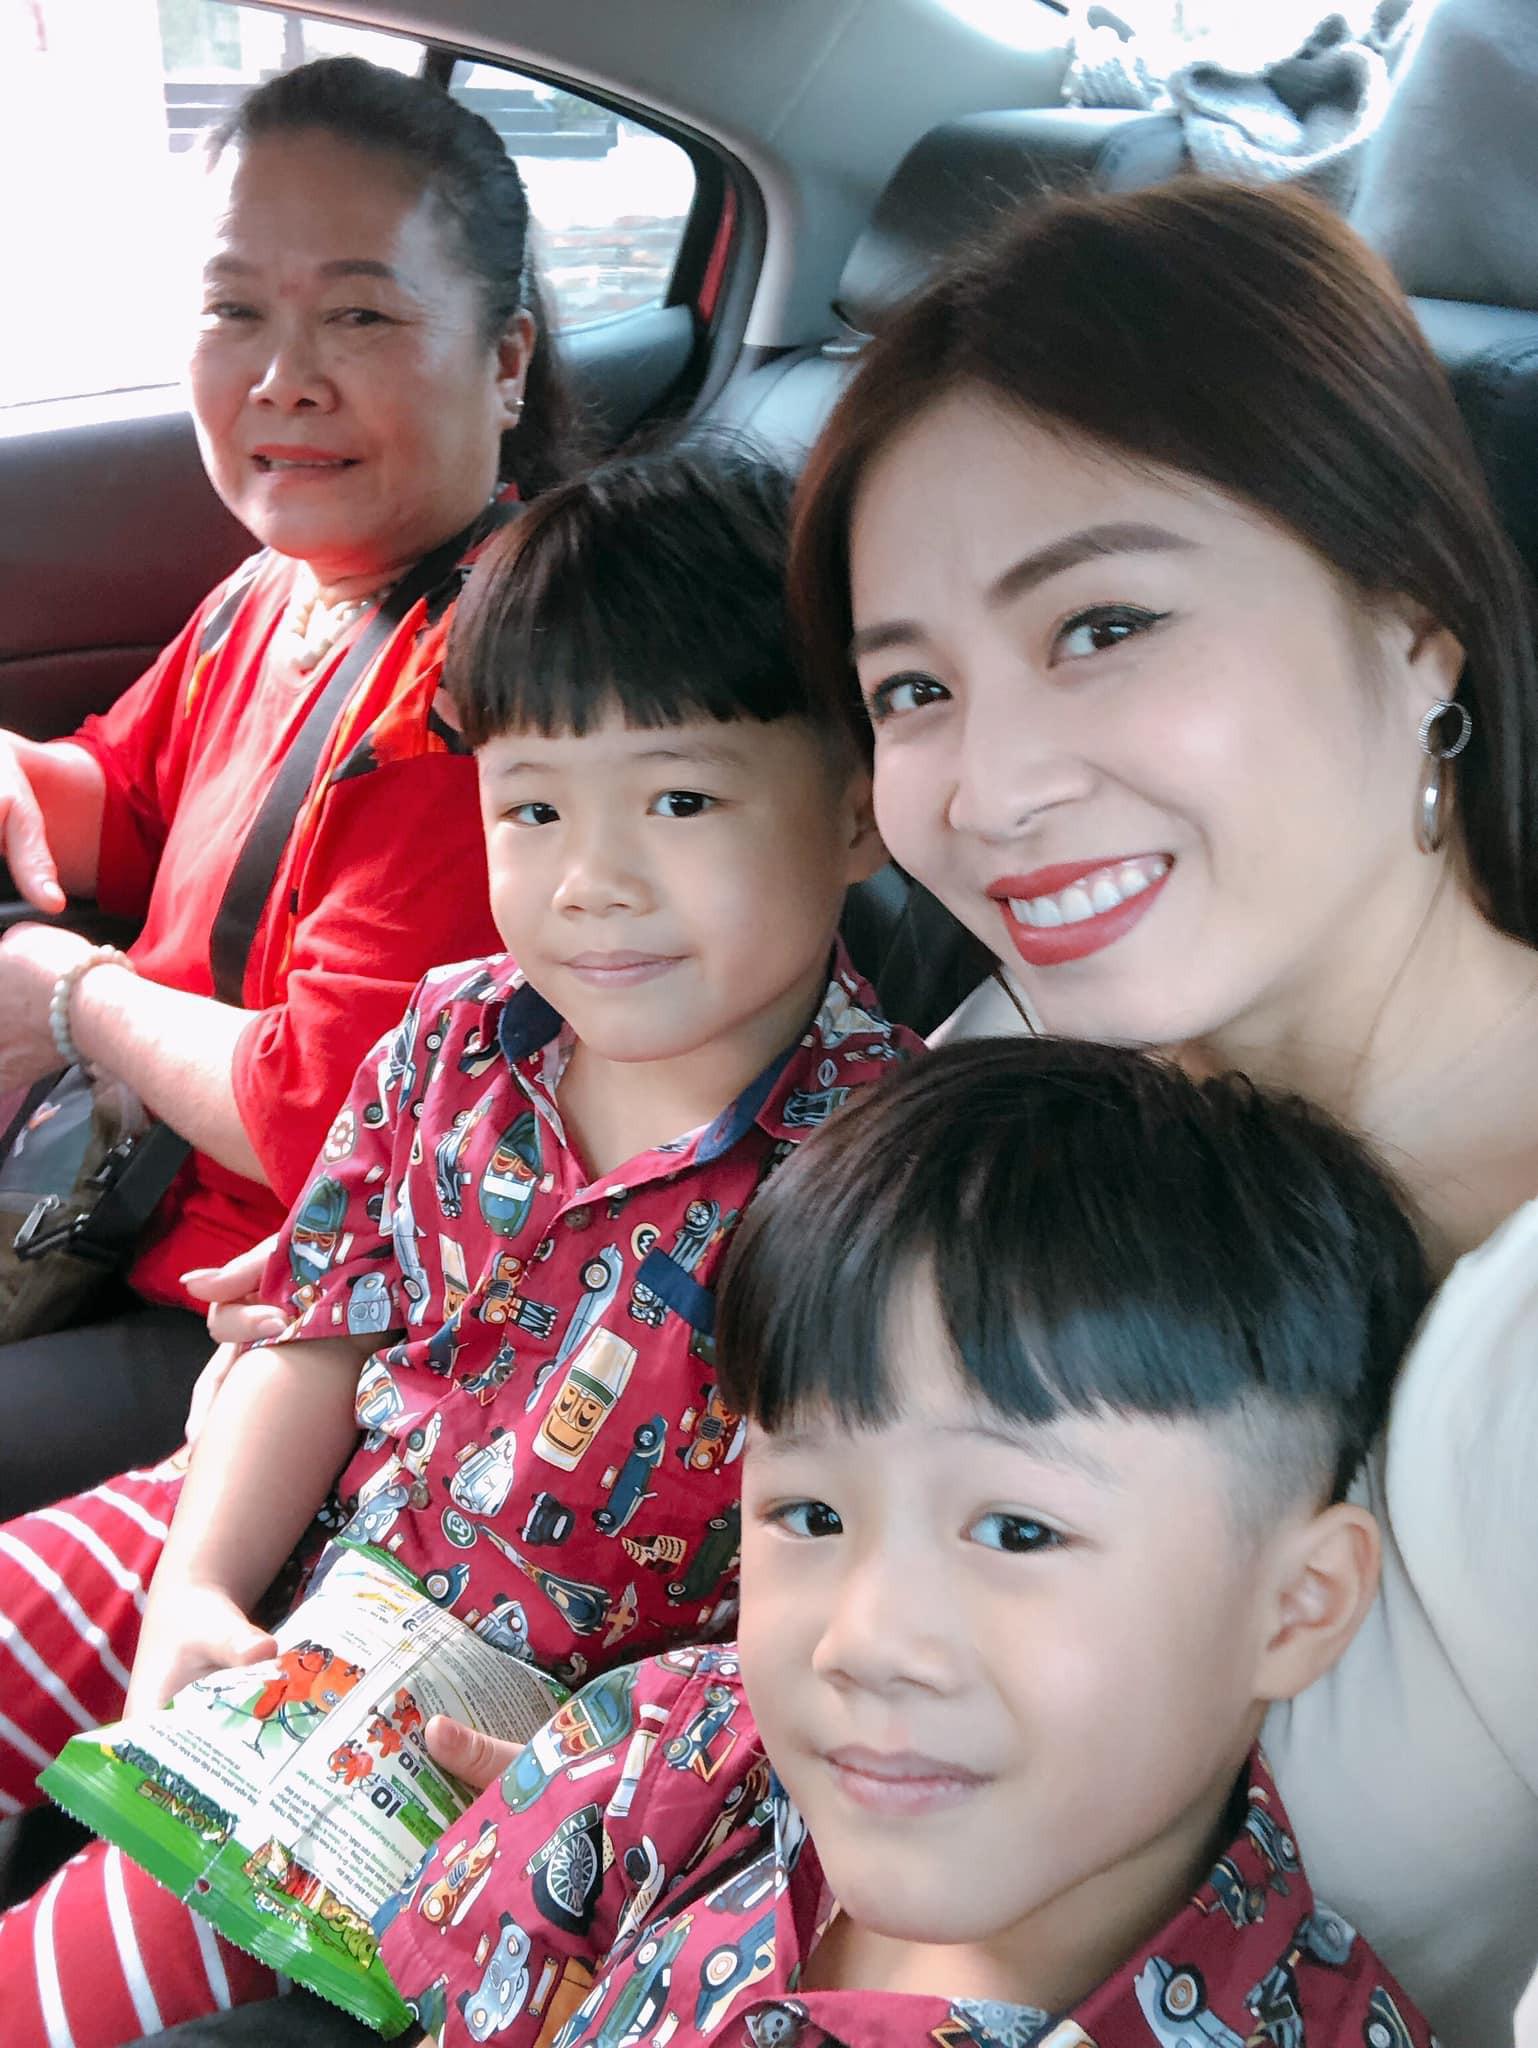 MC Hoàng Linh bất ngờ đăng ảnh chụp cùng chồng sắp cưới nhưng điều này mới được dân mạng chú ý hơn cả-3